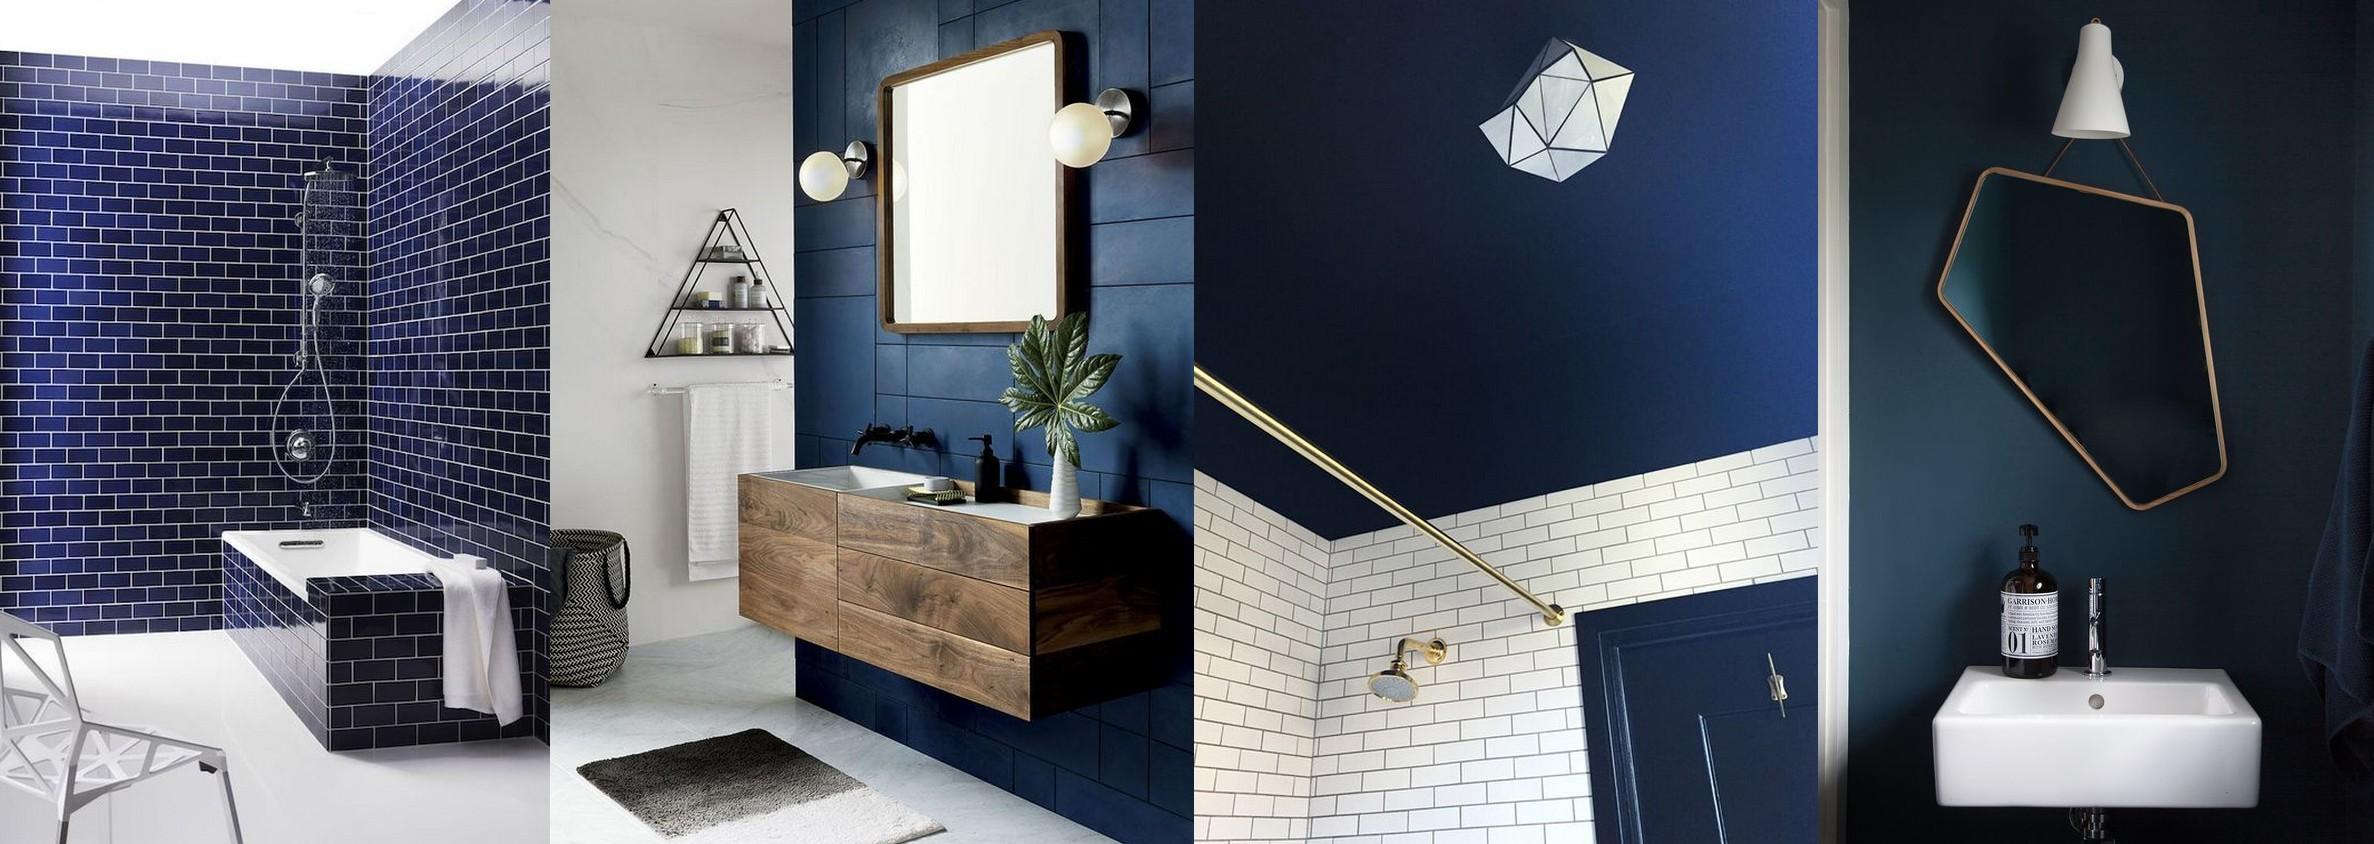 Bleu intense [Salle de bain].jpg